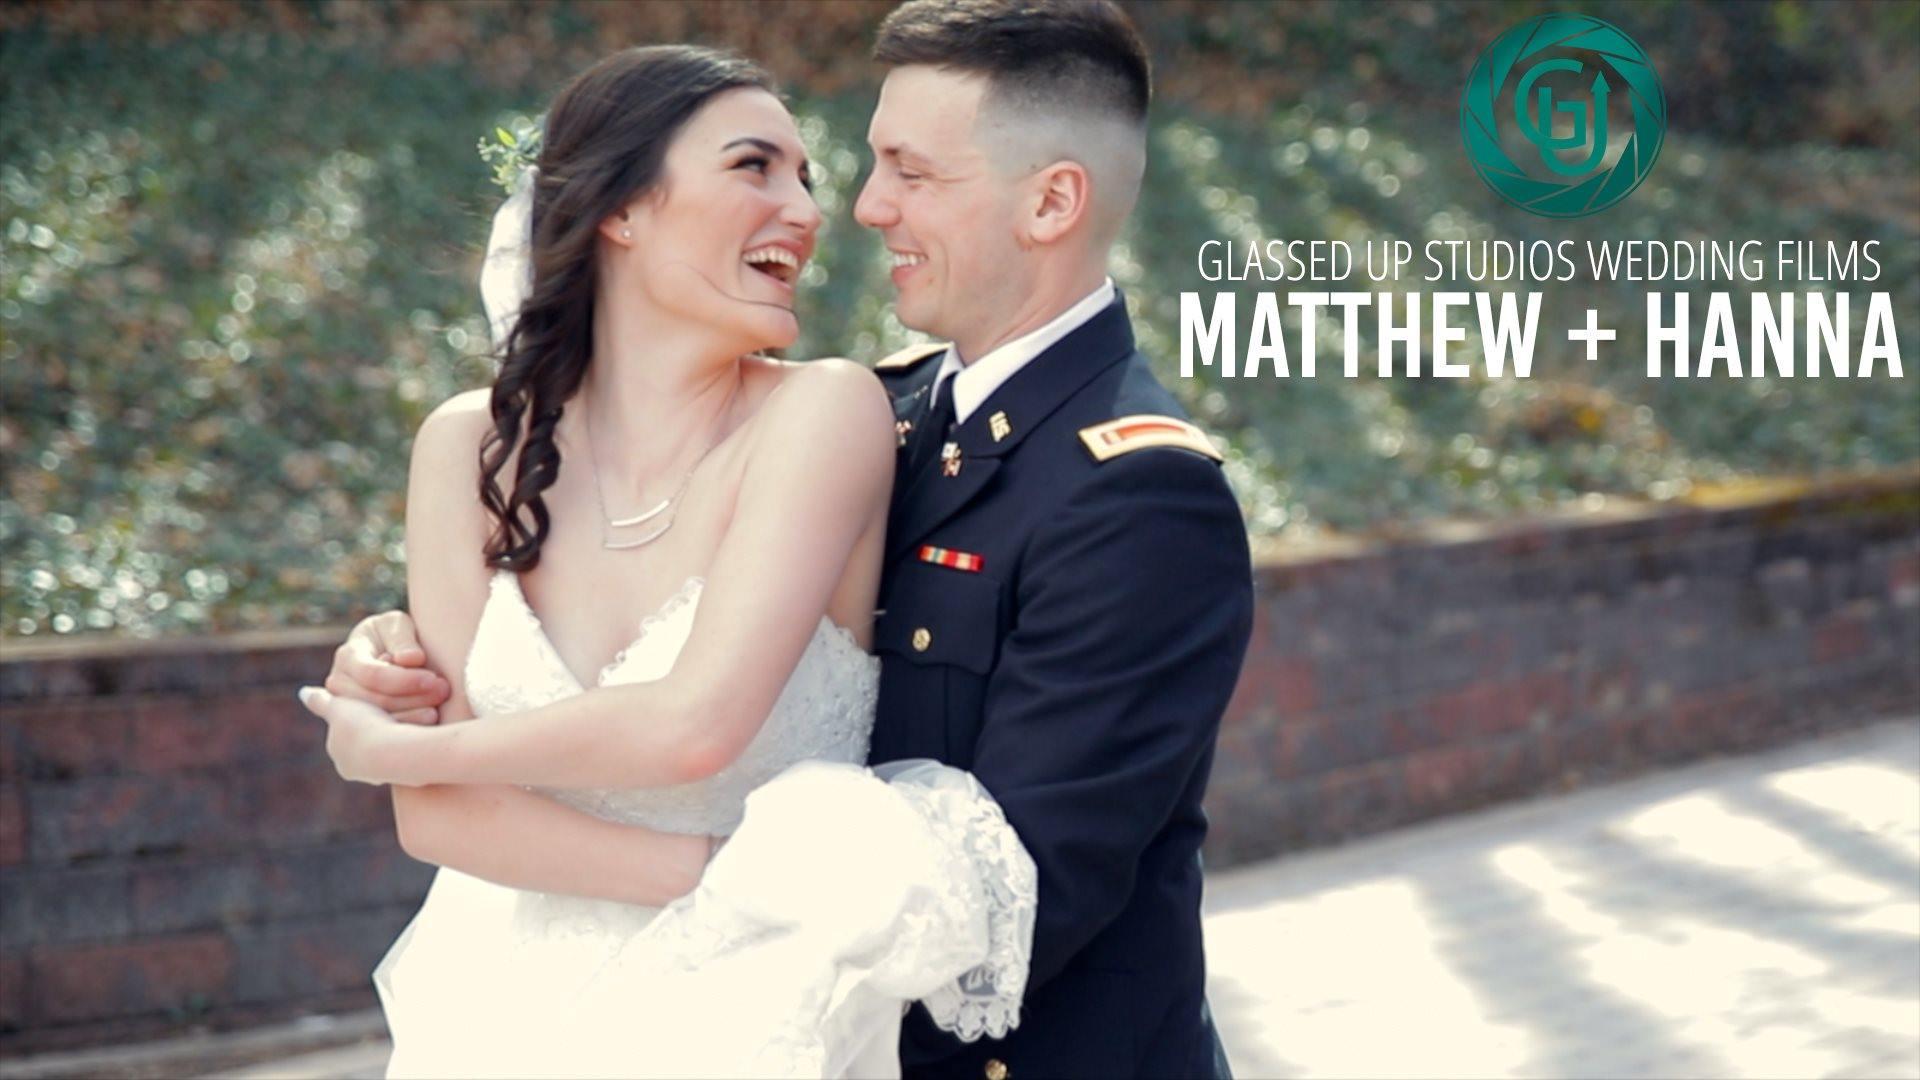 Sneak Peek: Matthew + Hanna